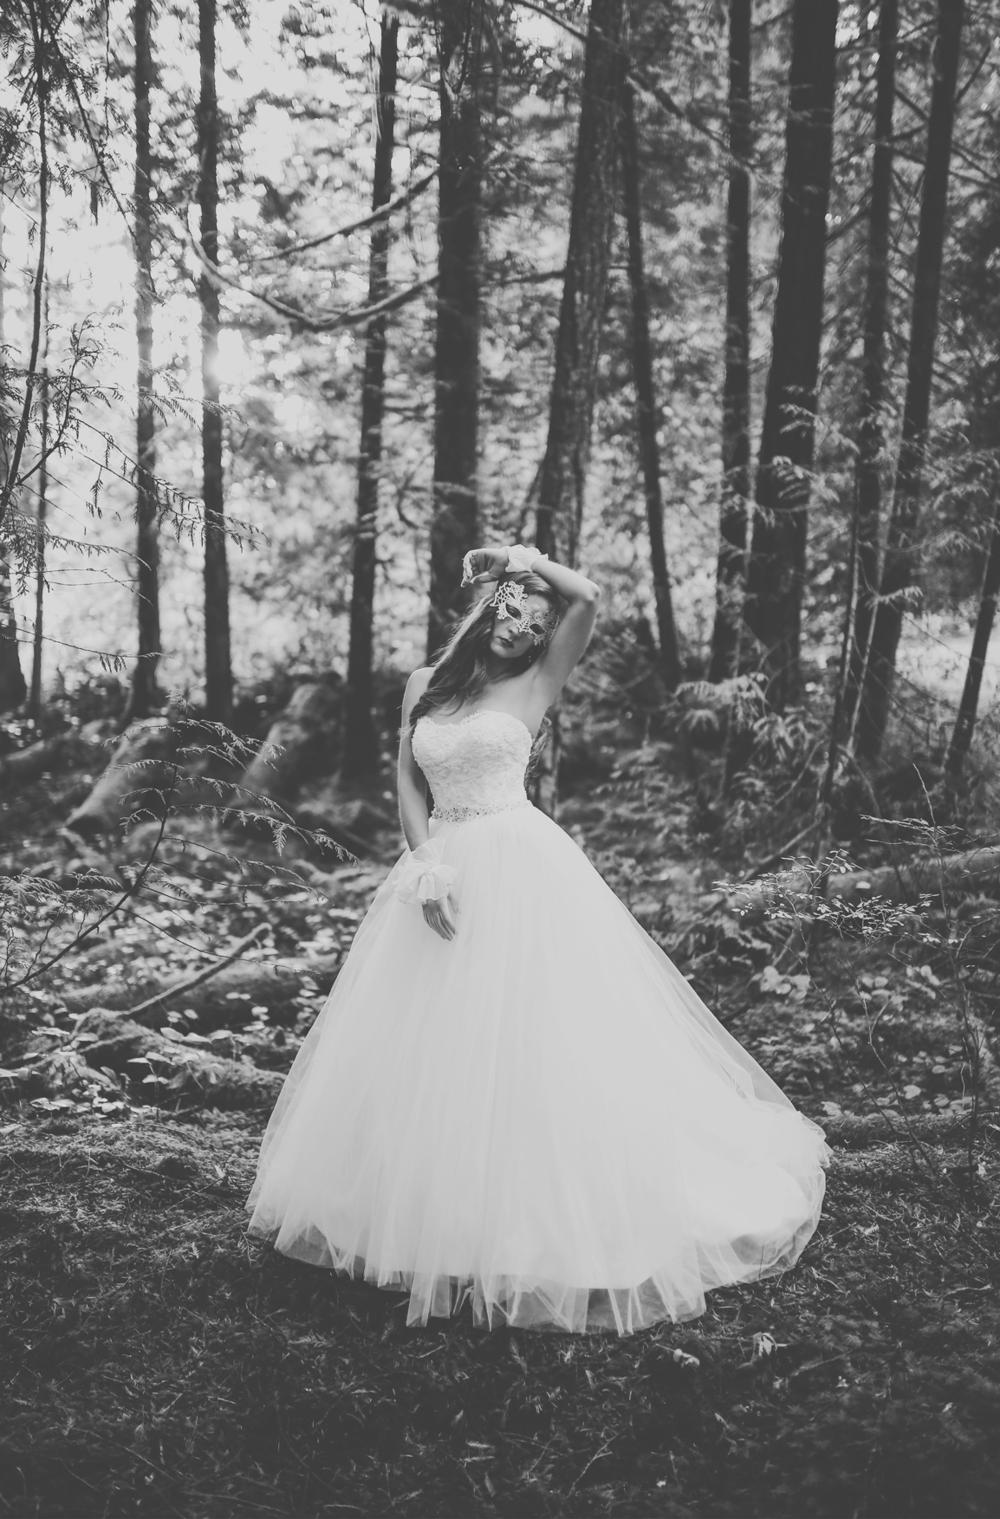 styled dreamy bridal shoot, jennifer picard photography, sunshine coast wedding photographer